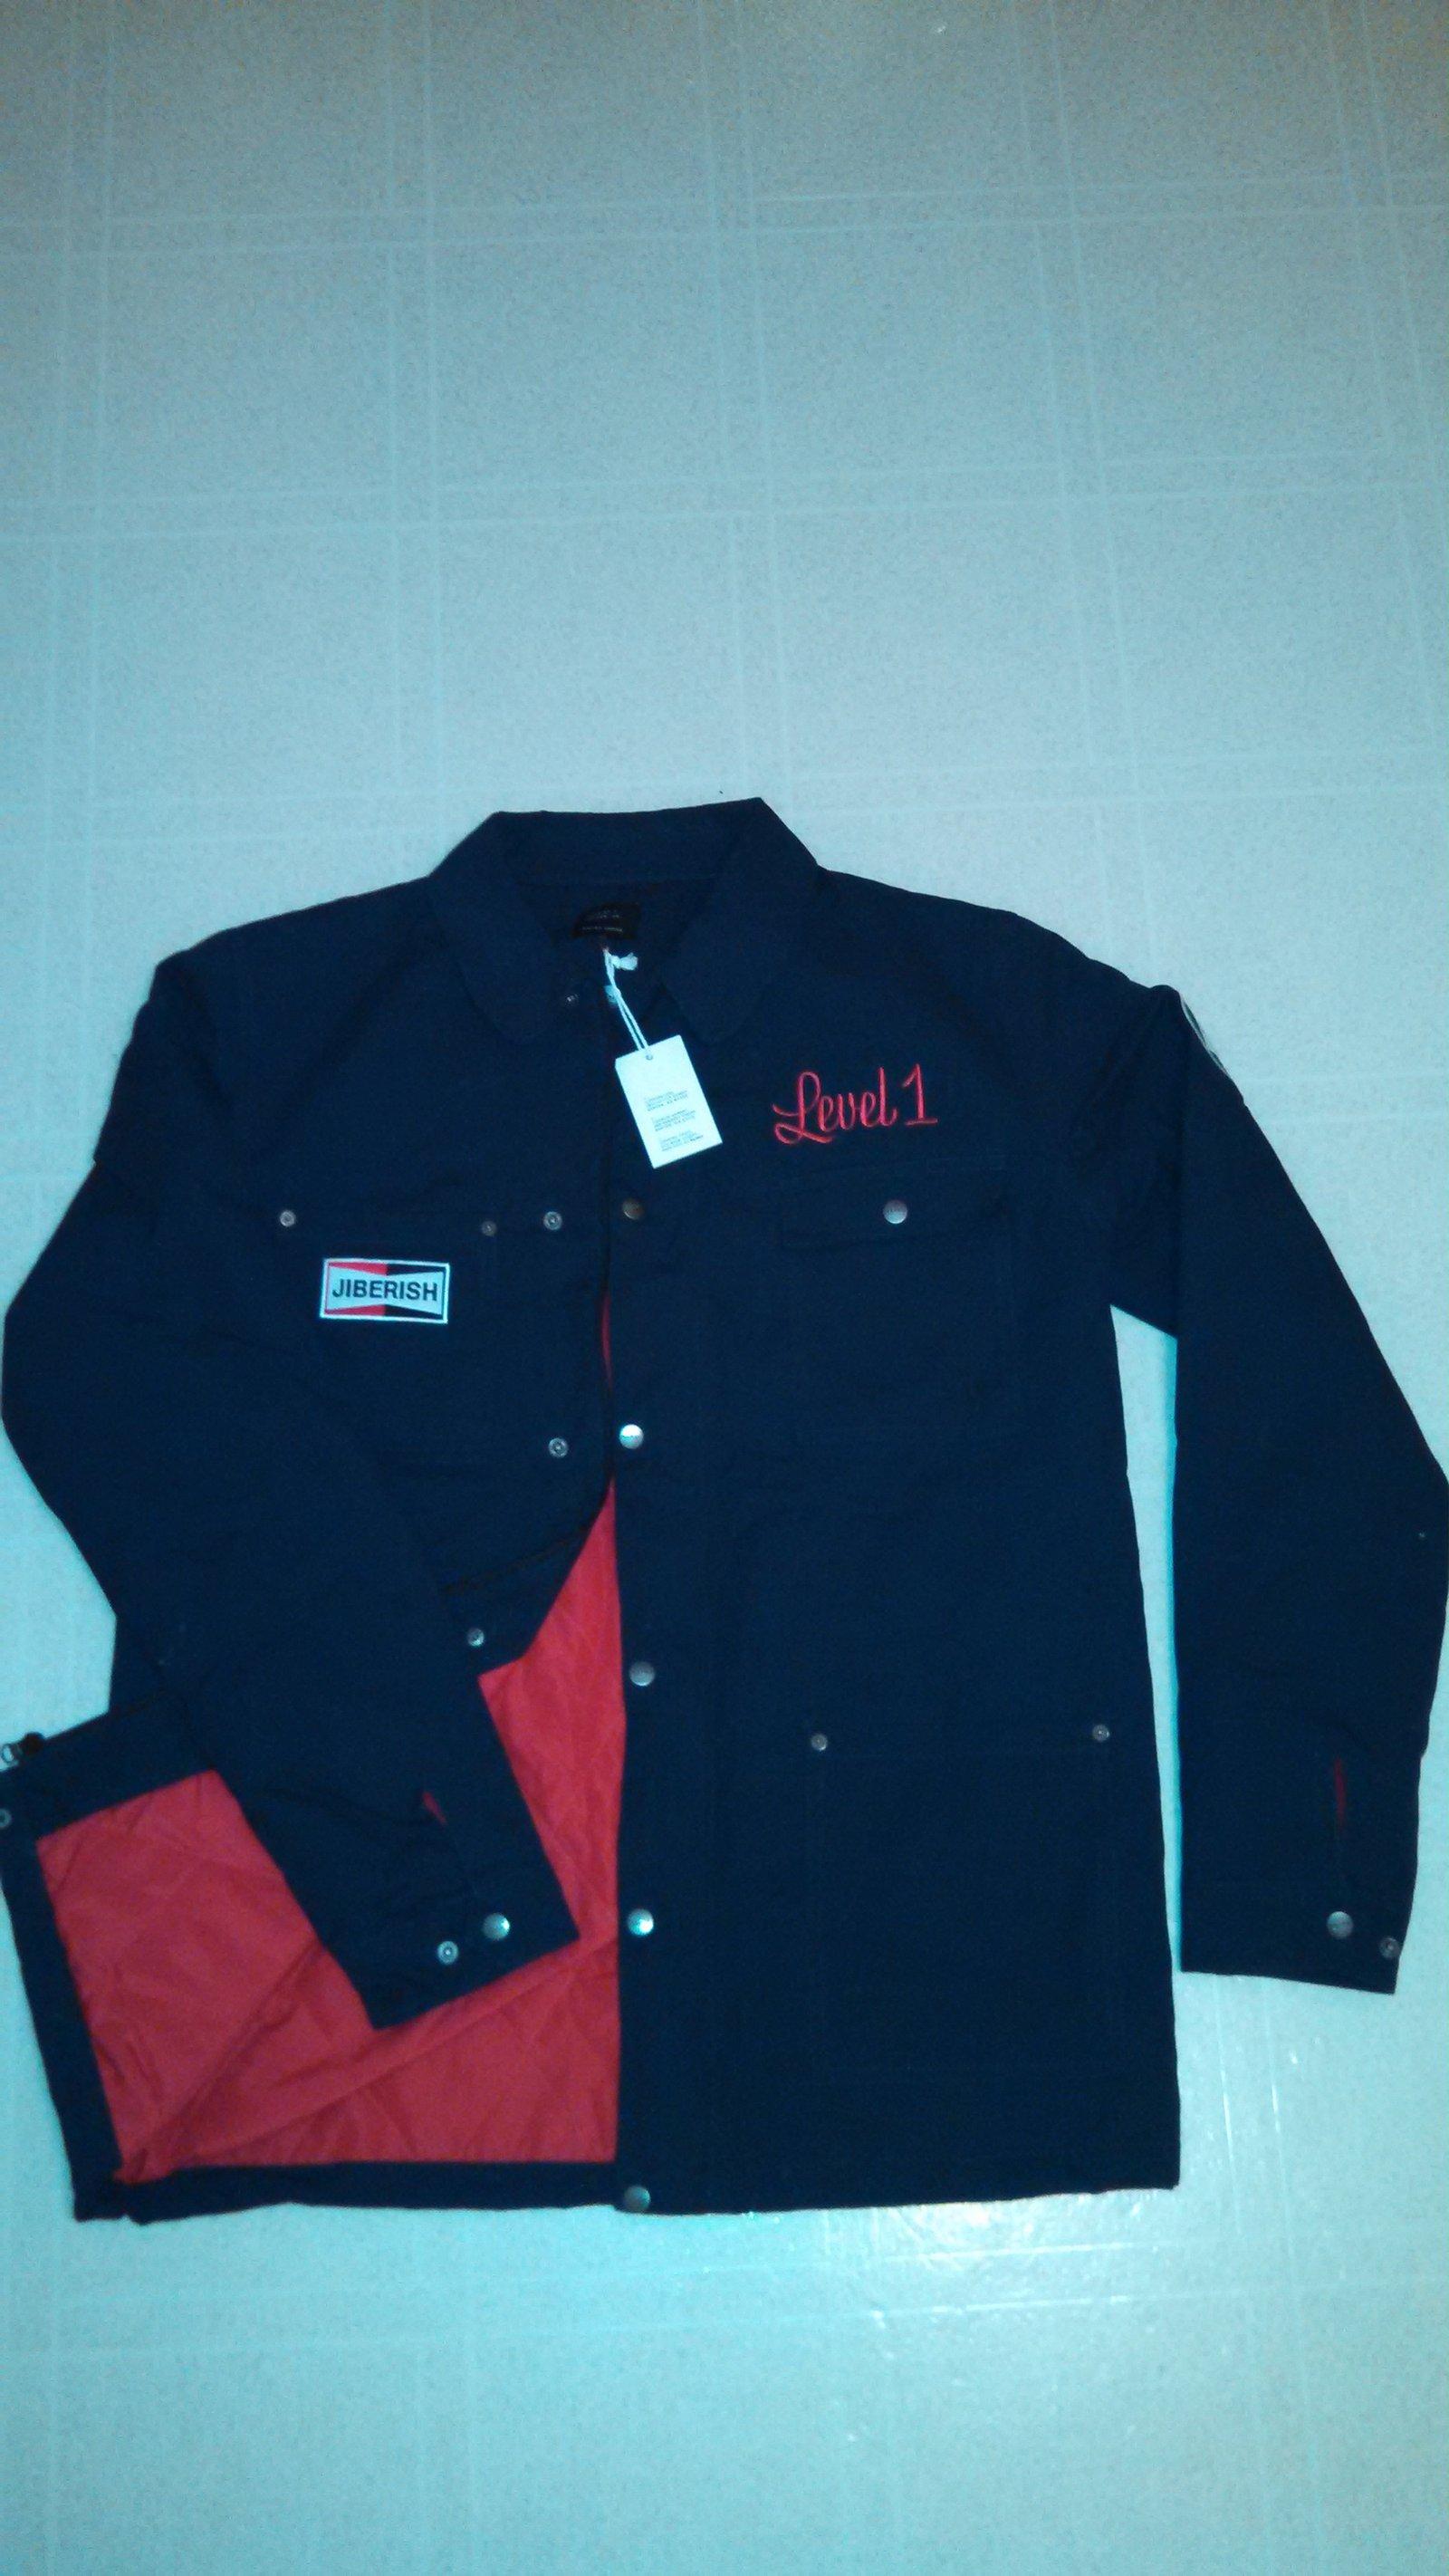 iberish x Level 1 Work Coat, Navy, XL